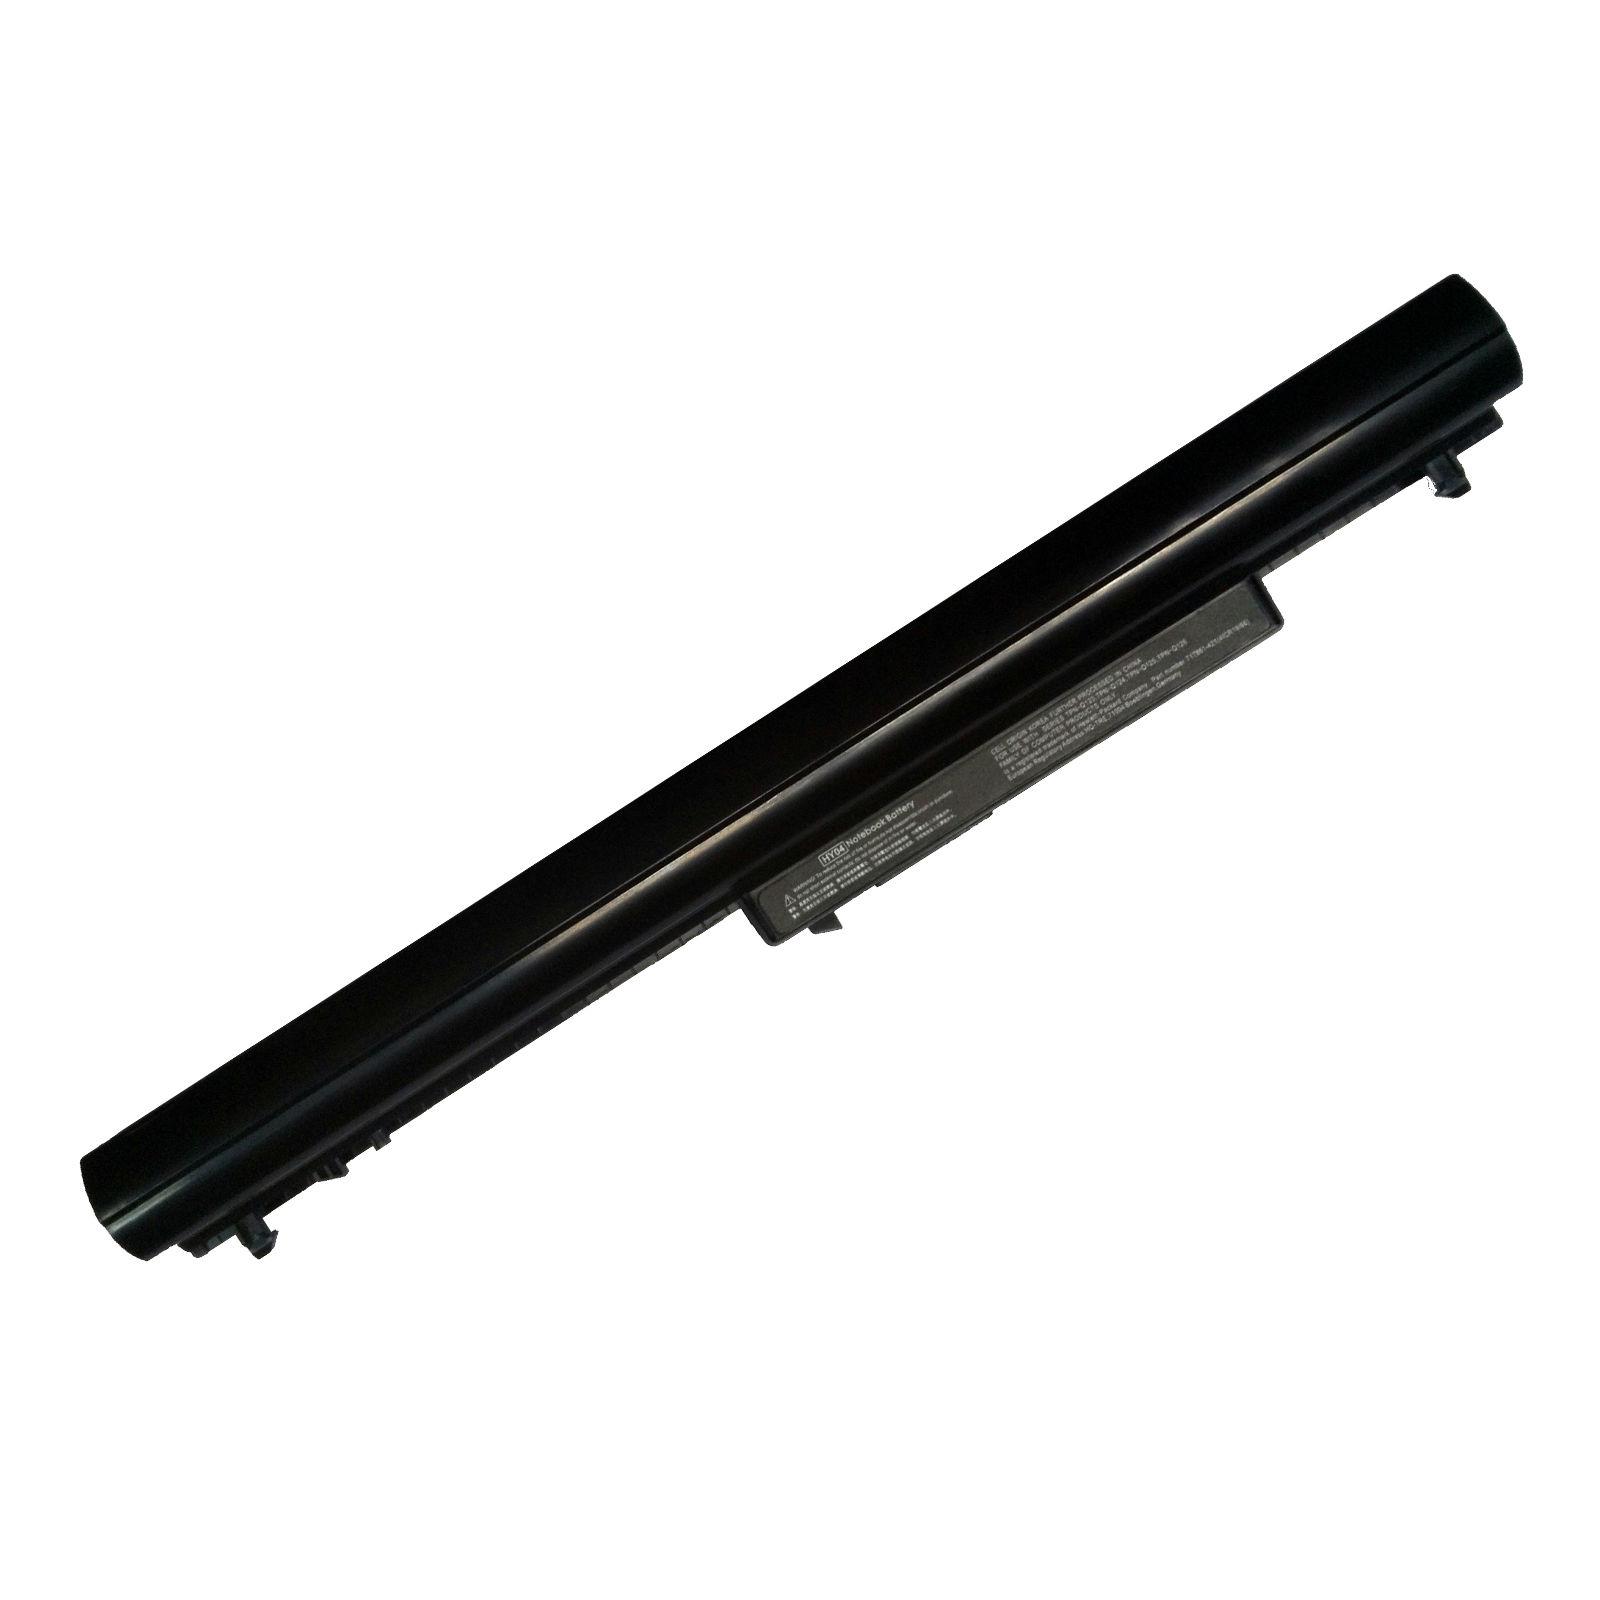 Superb Choice - Batterie pour HP Pavilion TouchSmart 14-F048CA 14-F088CA 14Z-F000 - image 1 de 1